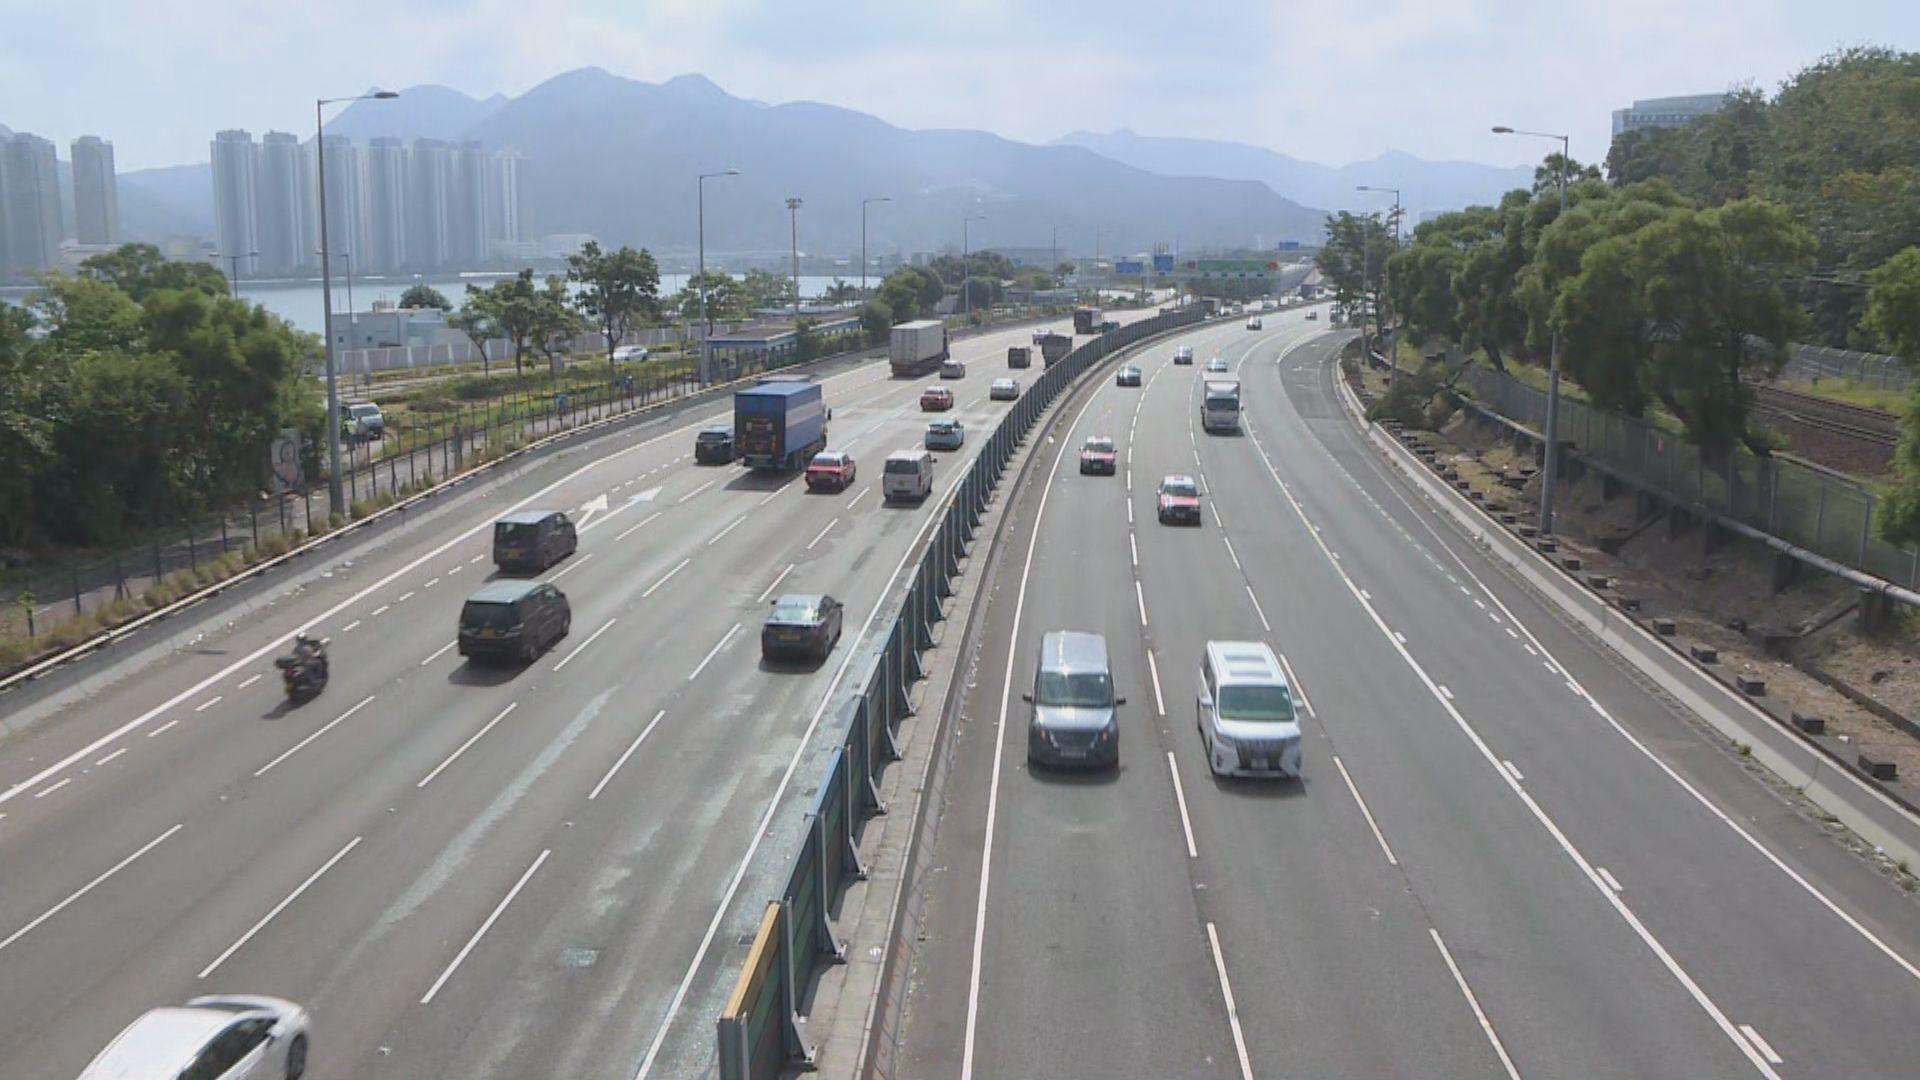 中午十二時吐露港公路所有行車線回復正常